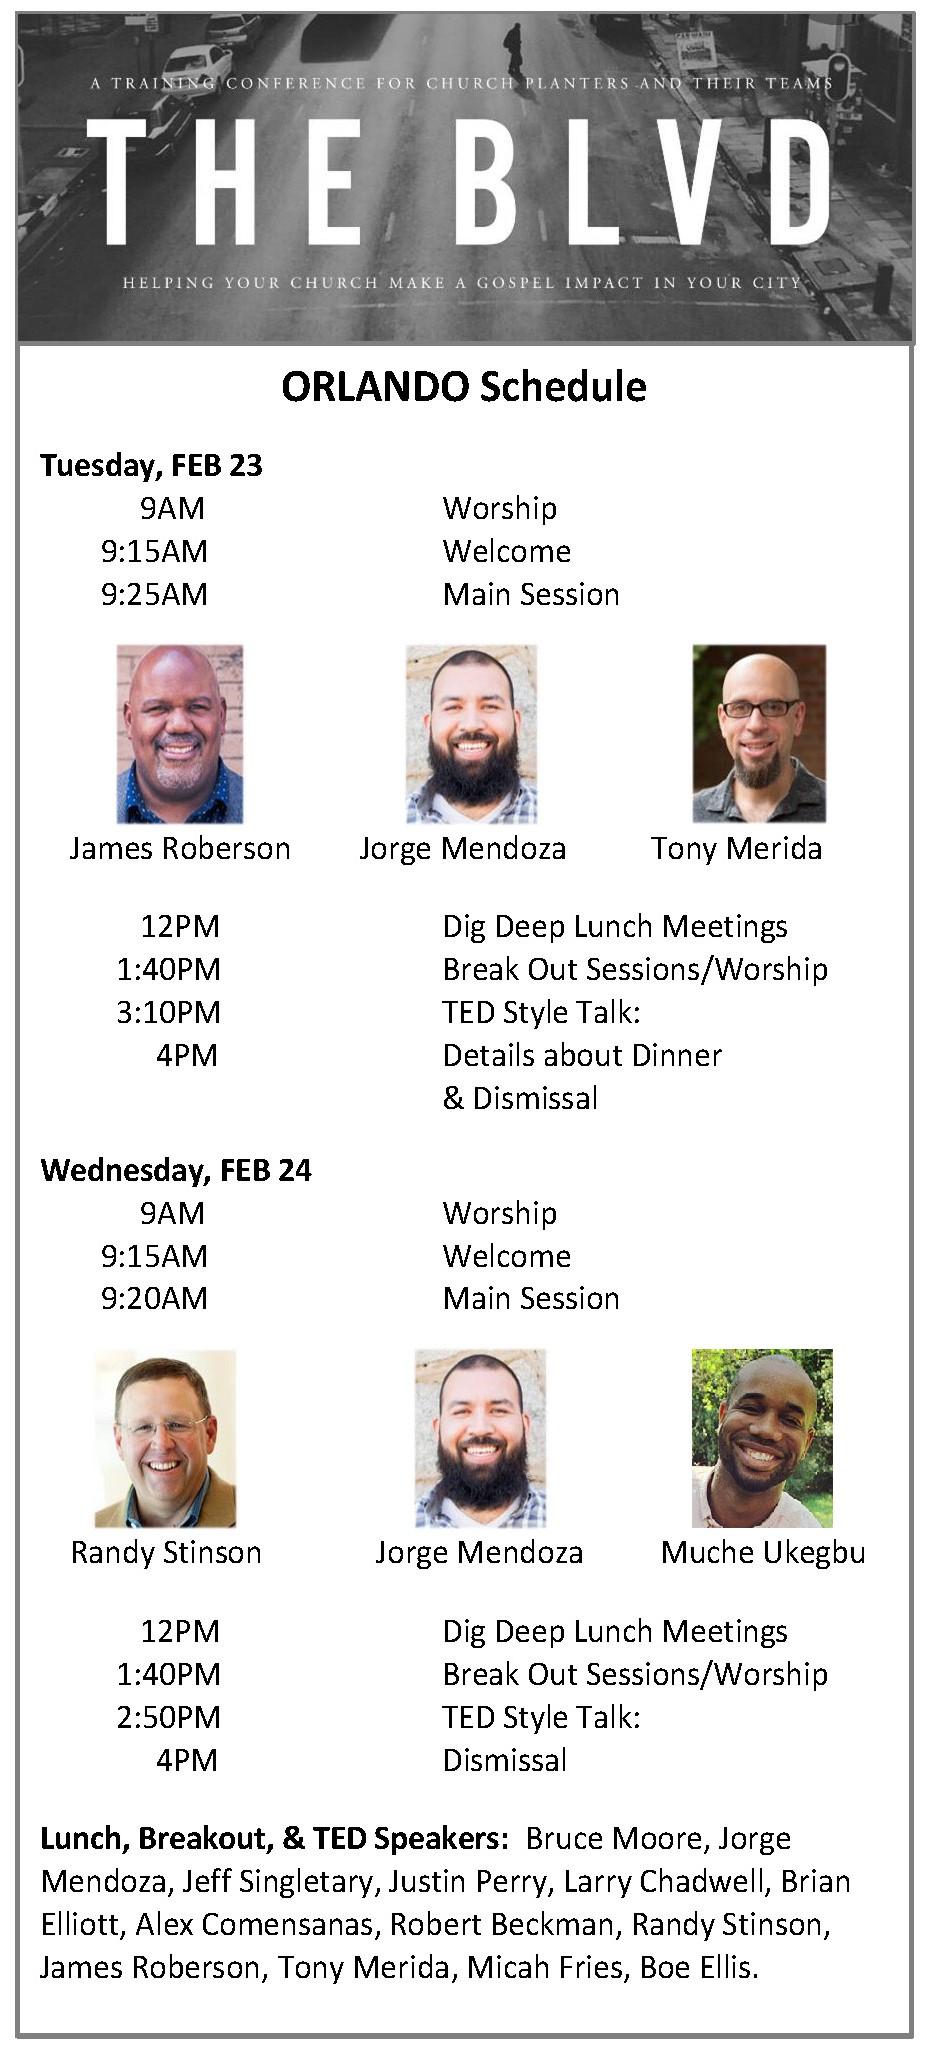 Orlando BLVD Schedule